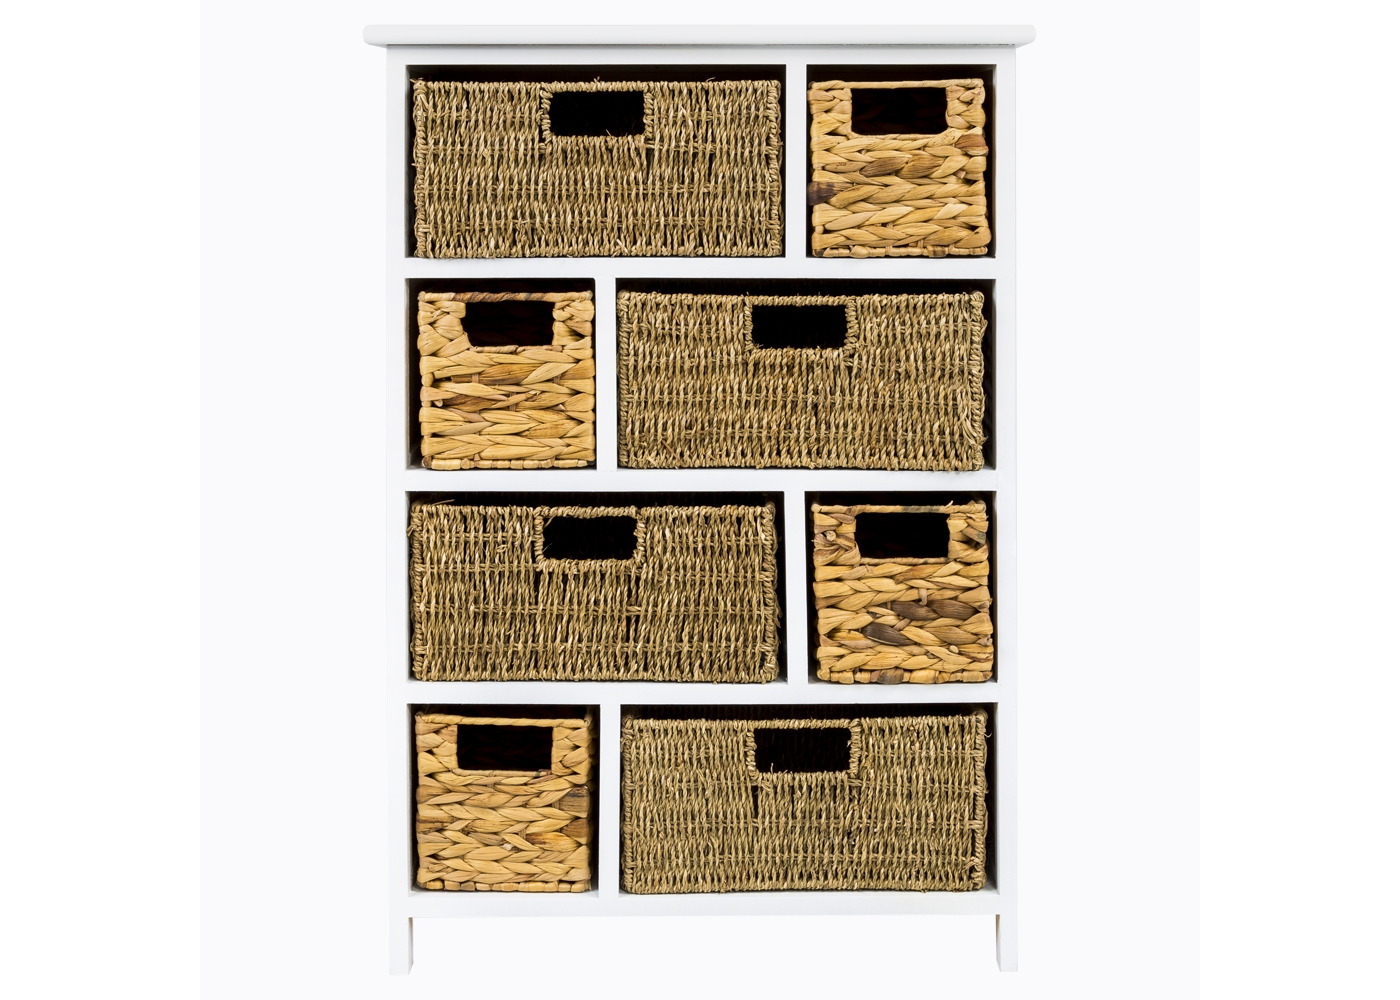 Стеллаж с восемью корзинами «Берже»Стеллажи и этажерки<br>&amp;lt;div&amp;gt;Стеллаж &amp;quot;Берже&amp;quot; - идеальный домашний органайзер для современной респектабельной хозяйки. С приобретением этого удобного, эстетичного и уютного предмета Ваши домашние предметы обретут идеальный порядок, никогда не затеряются и будут всегда под рукой. Натуральная цветовая гамма корзин уютна и тепла, идеально гармонирует с белым лакированным корпусом этажерки. Винтажный мотив комода, исполненный новейшими технологиями, сближает ретро и современность, унифицирует стилистический статус дизайна. Классический белый цвет - залог соседства с большинством предметов мебели и декора. Любое помещение, наряженное белой мебелью, обретает имидж чистоты, простора и парадности. Корзины снабжены широкими, удобными в обращении ручками. Используйте стеллаж для хранения столового текстиля и приборов, белья, хозяйственных принадлежностей, моющих средств, а также корнеплодов и овощей. Дизайн стеллажа равноправен в городской квартире и загородном доме. Габариты удобны для кухни, коридора, лоджии или балкона. Украсьте стеллаж живыми цветами, декоративным текстилем или интерьерными аксессуарами. Стеллаж выполнен из натурального дерева. Пользоваться им - истинное удовольствие. Достоинством натурального дерева павловнии (&amp;quot;адамового дерева&amp;quot;) является легкость. В основном павловния применяется для производства музыкальных инструментов. Это свидетельствует о её стойкости к сырости.&amp;amp;nbsp;&amp;lt;/div&amp;gt;&amp;lt;div&amp;gt;&amp;lt;br&amp;gt;&amp;lt;/div&amp;gt;&amp;lt;div&amp;gt;Вес: 9,75 кг&amp;lt;/div&amp;gt;<br>&amp;lt;iframe width=&amp;quot;530&amp;quot; height=&amp;quot;360&amp;quot; src=&amp;quot;https://www.youtube.com/embed/NLEdoVygKVQ&amp;quot; frameborder=&amp;quot;0&amp;quot; allowfullscreen=&amp;quot;&amp;quot;&amp;gt;&amp;lt;/iframe&amp;gt;<br><br>Material: Дерево<br>Length см: None<br>Width см: 56<br>Depth см: 34<br>Height см: 80